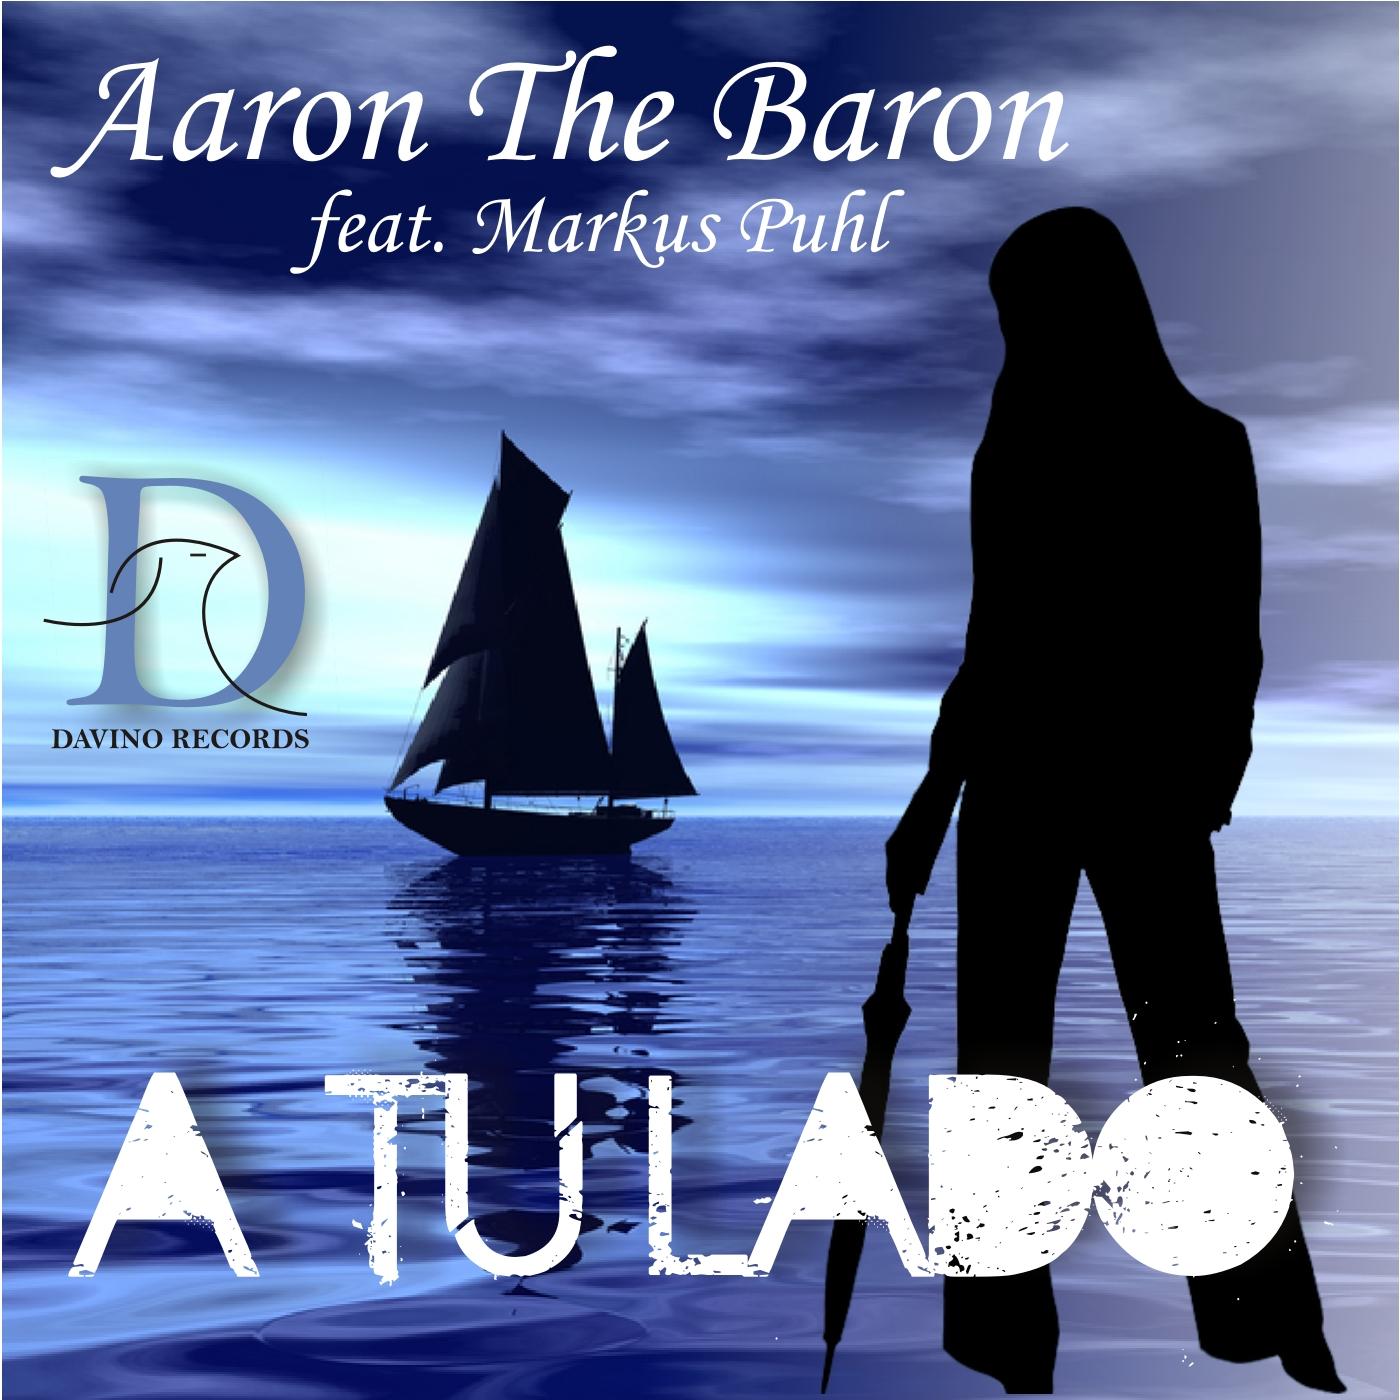 AARON THE BARON FEAT. MARKUS PUHL-A Tu Lado